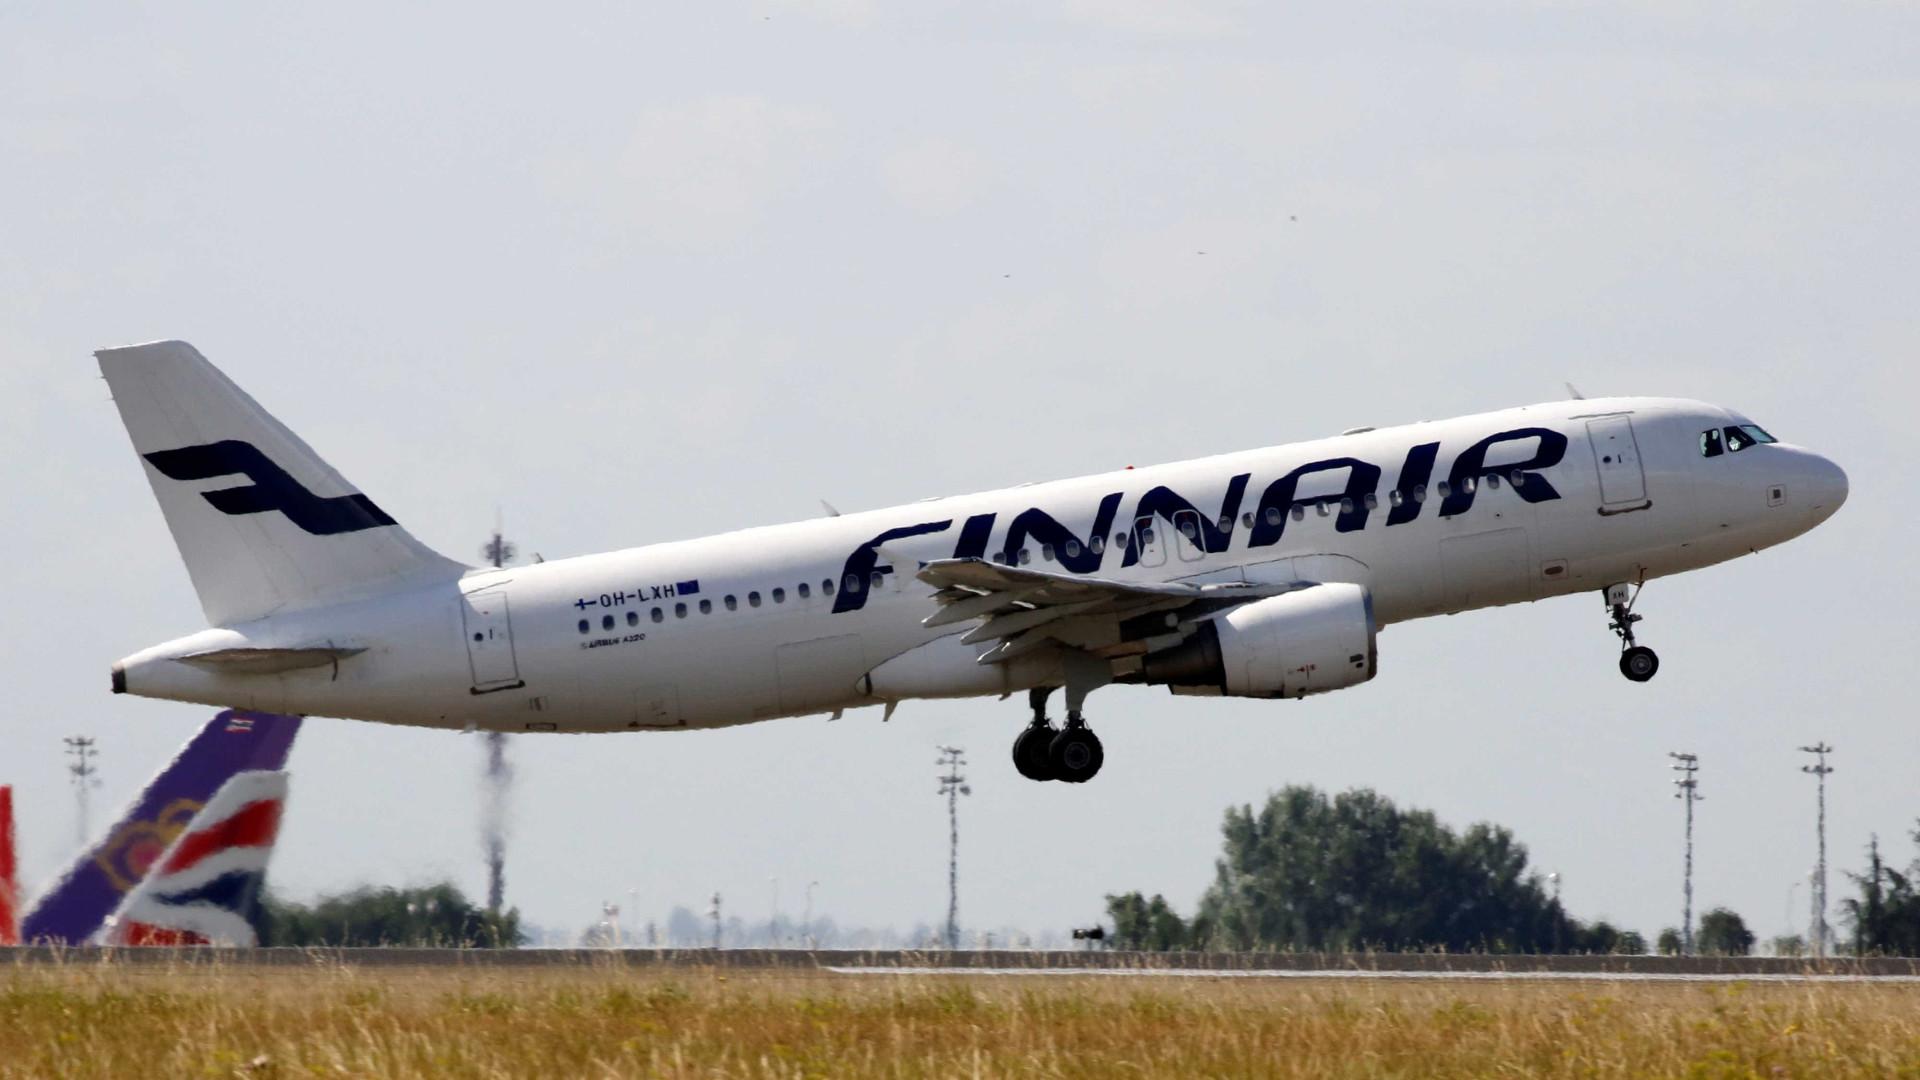 Companhia aérea quer pesar passageiros antes do embarque